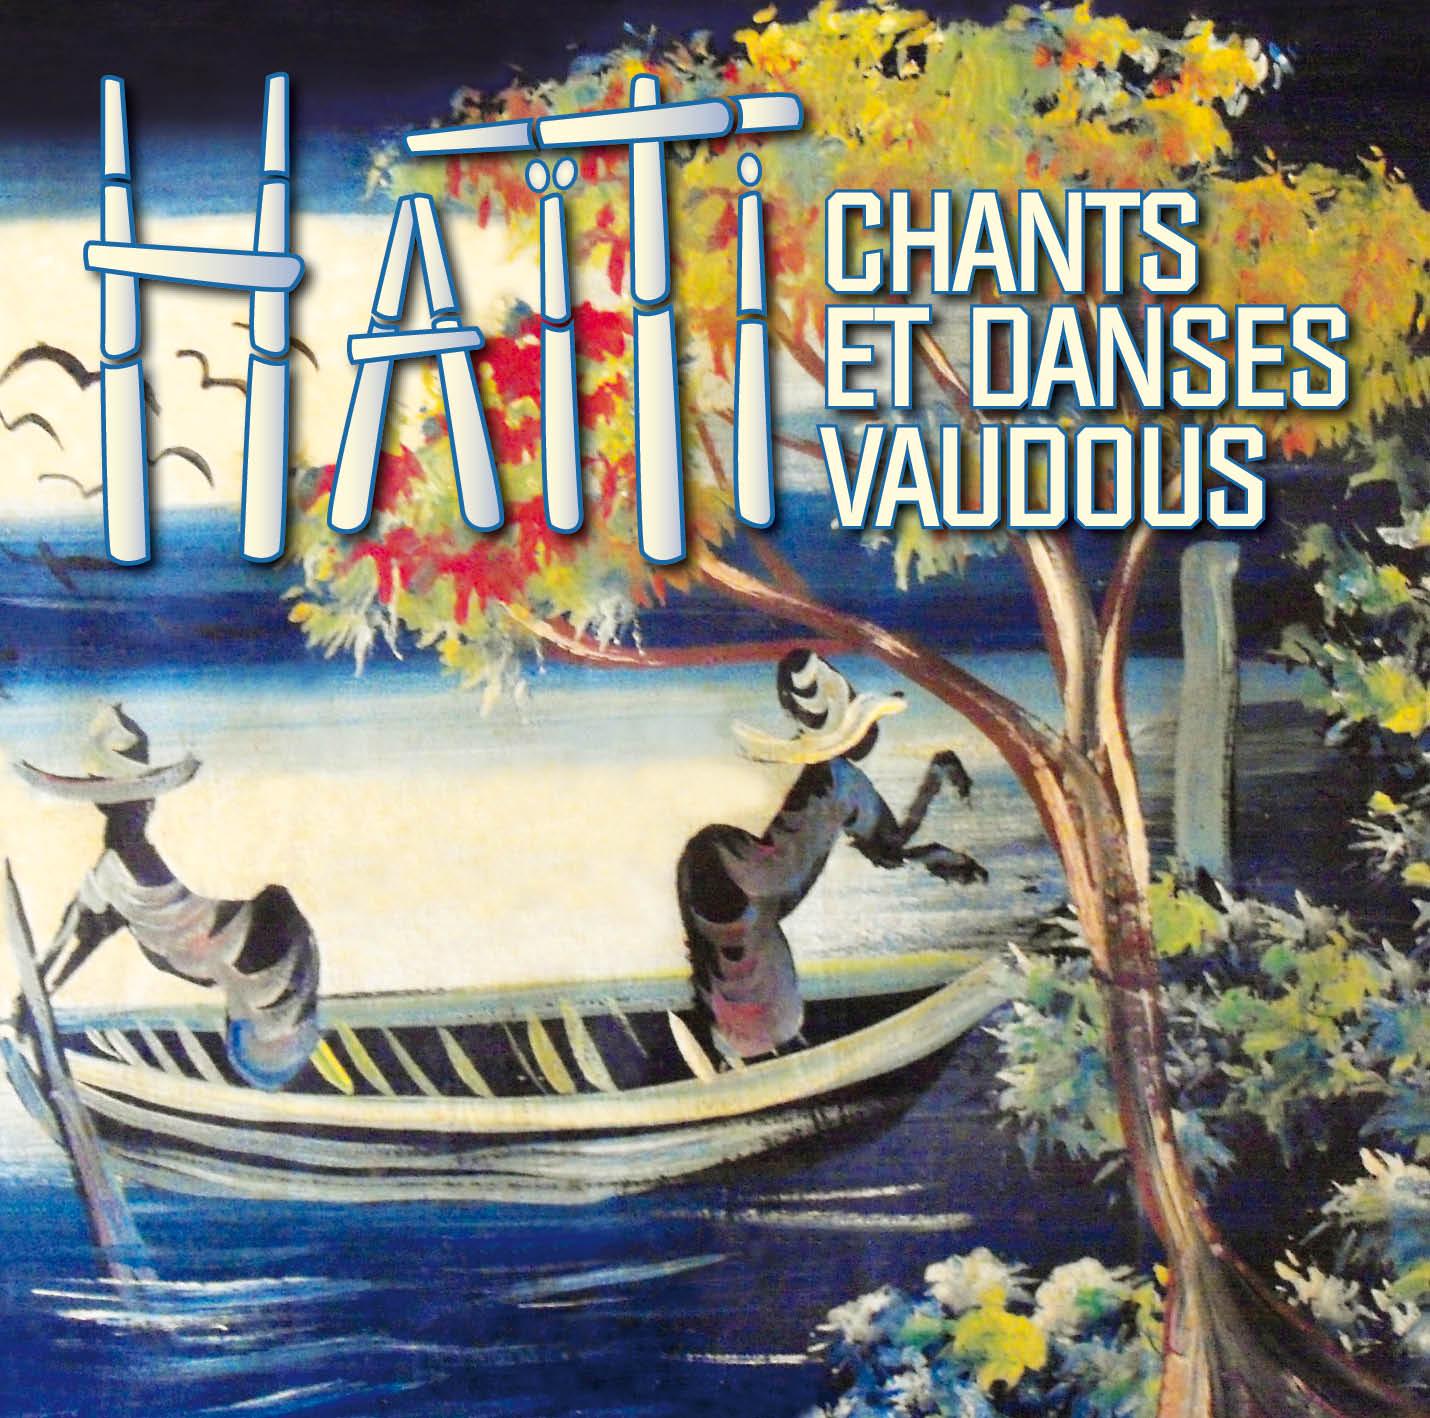 Haïti - Chants et Danses Vaudous